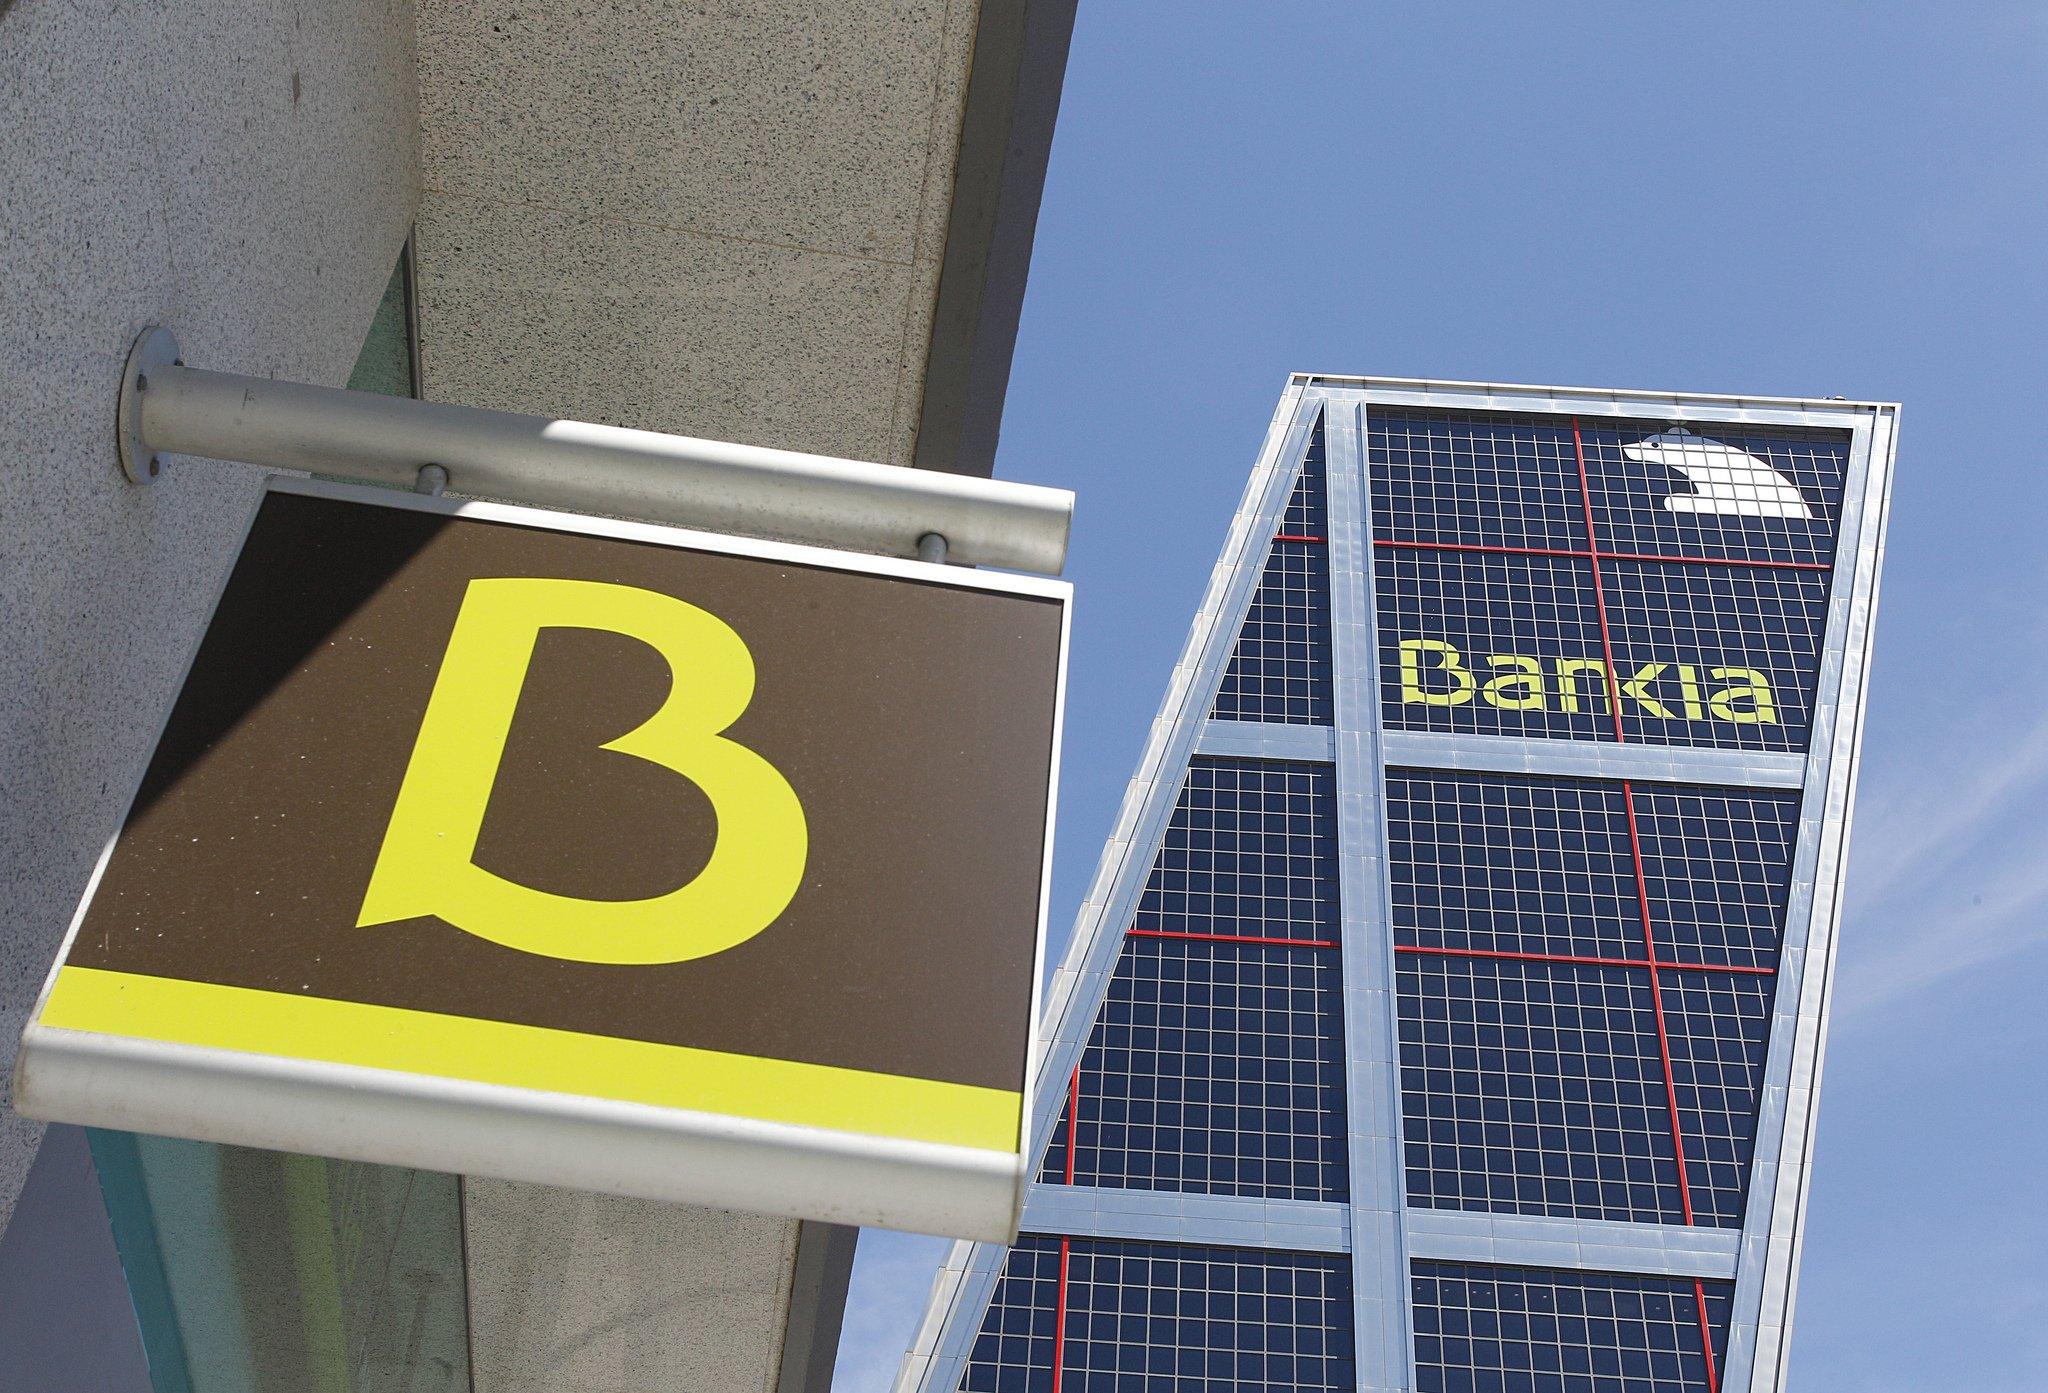 Bankia parece haber llegado al máximo de sus posibilidades y el mercado lo penaliza con una caída superior al 4%.